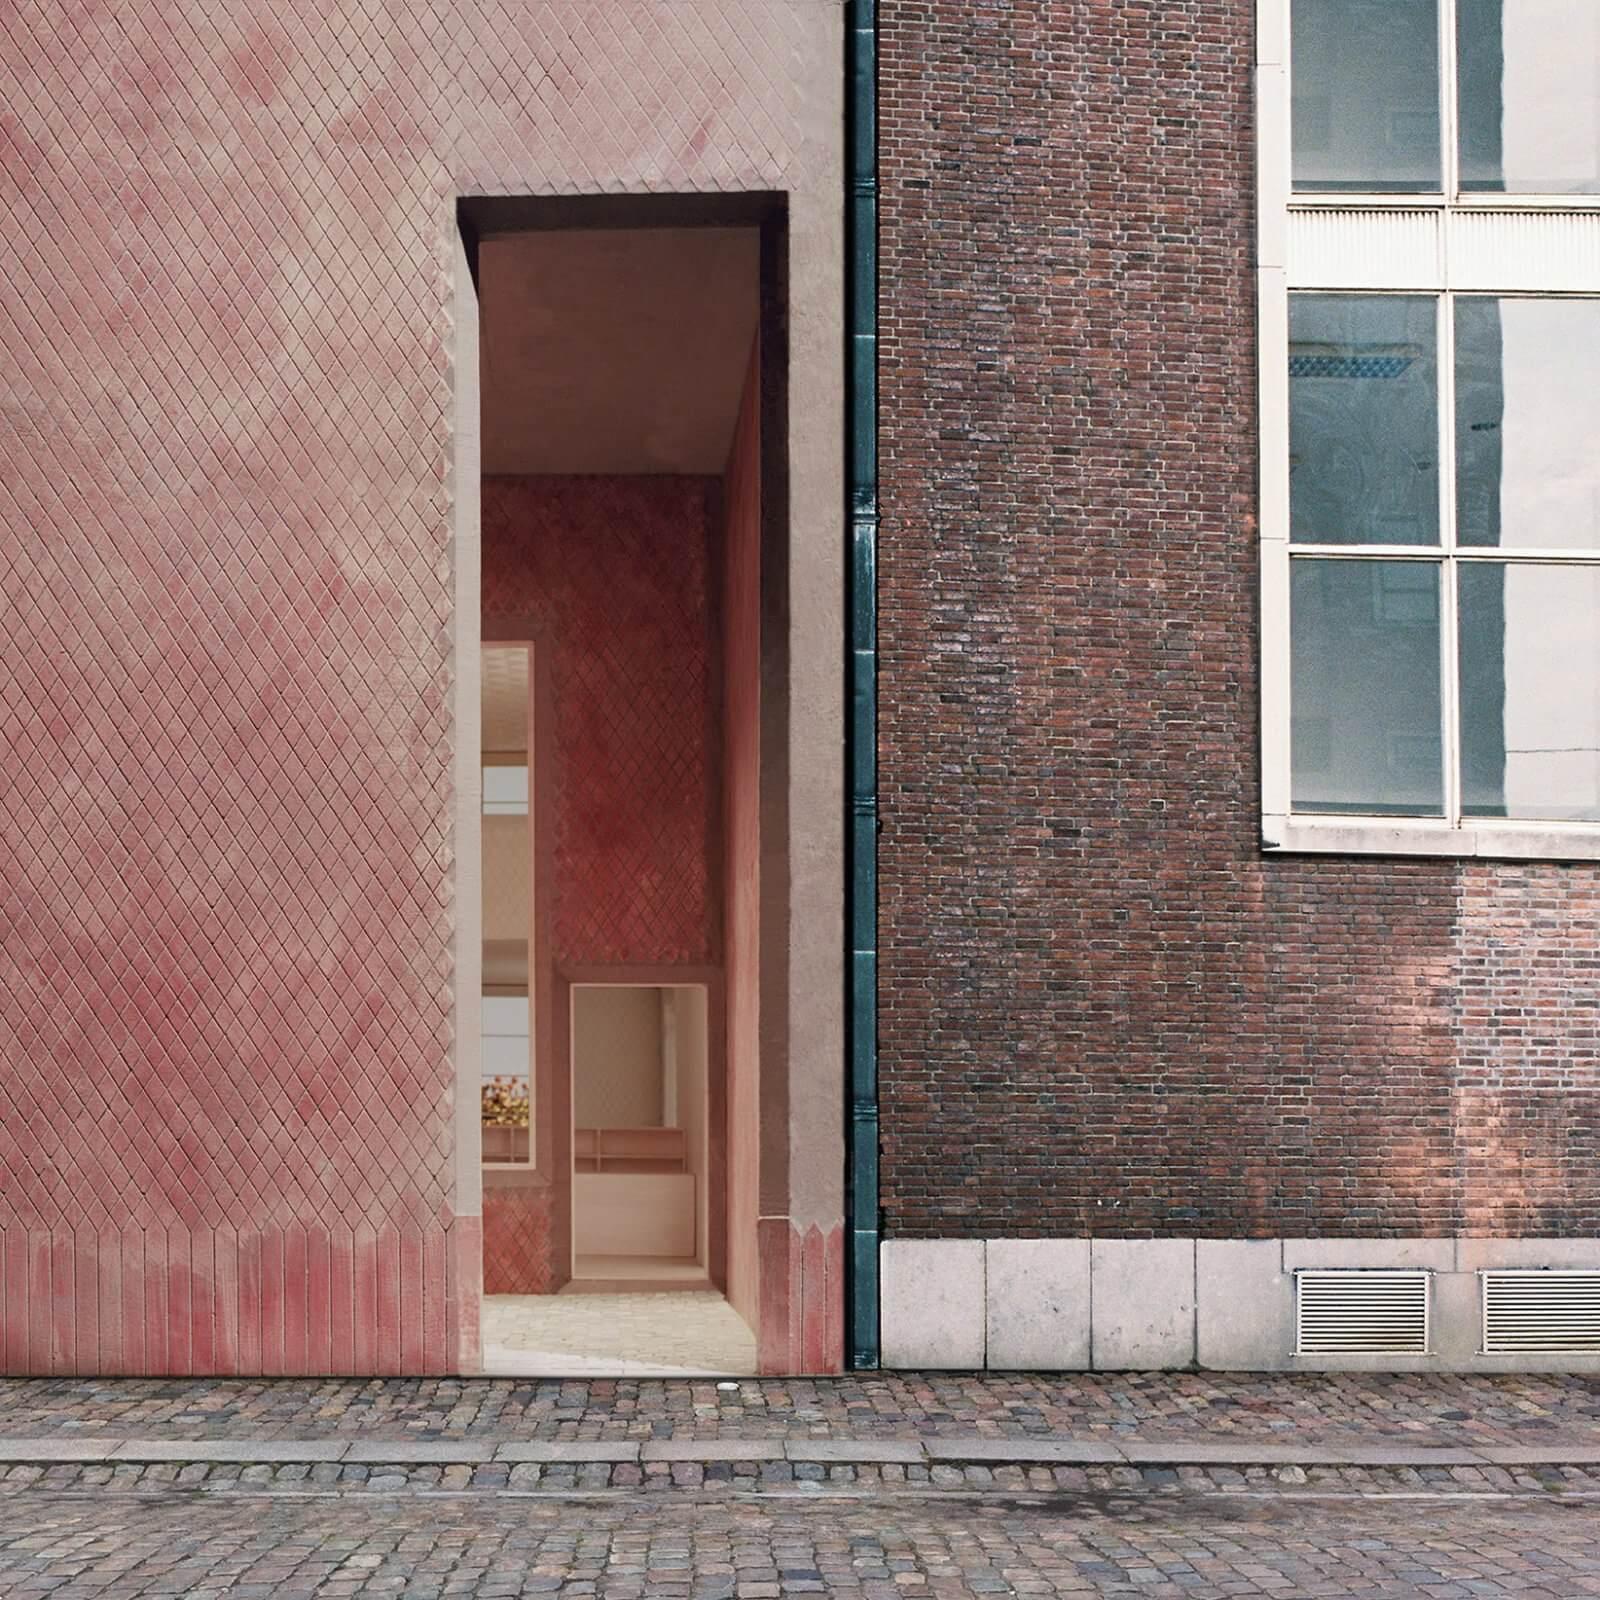 Z33  - 2 facade entrance street 35